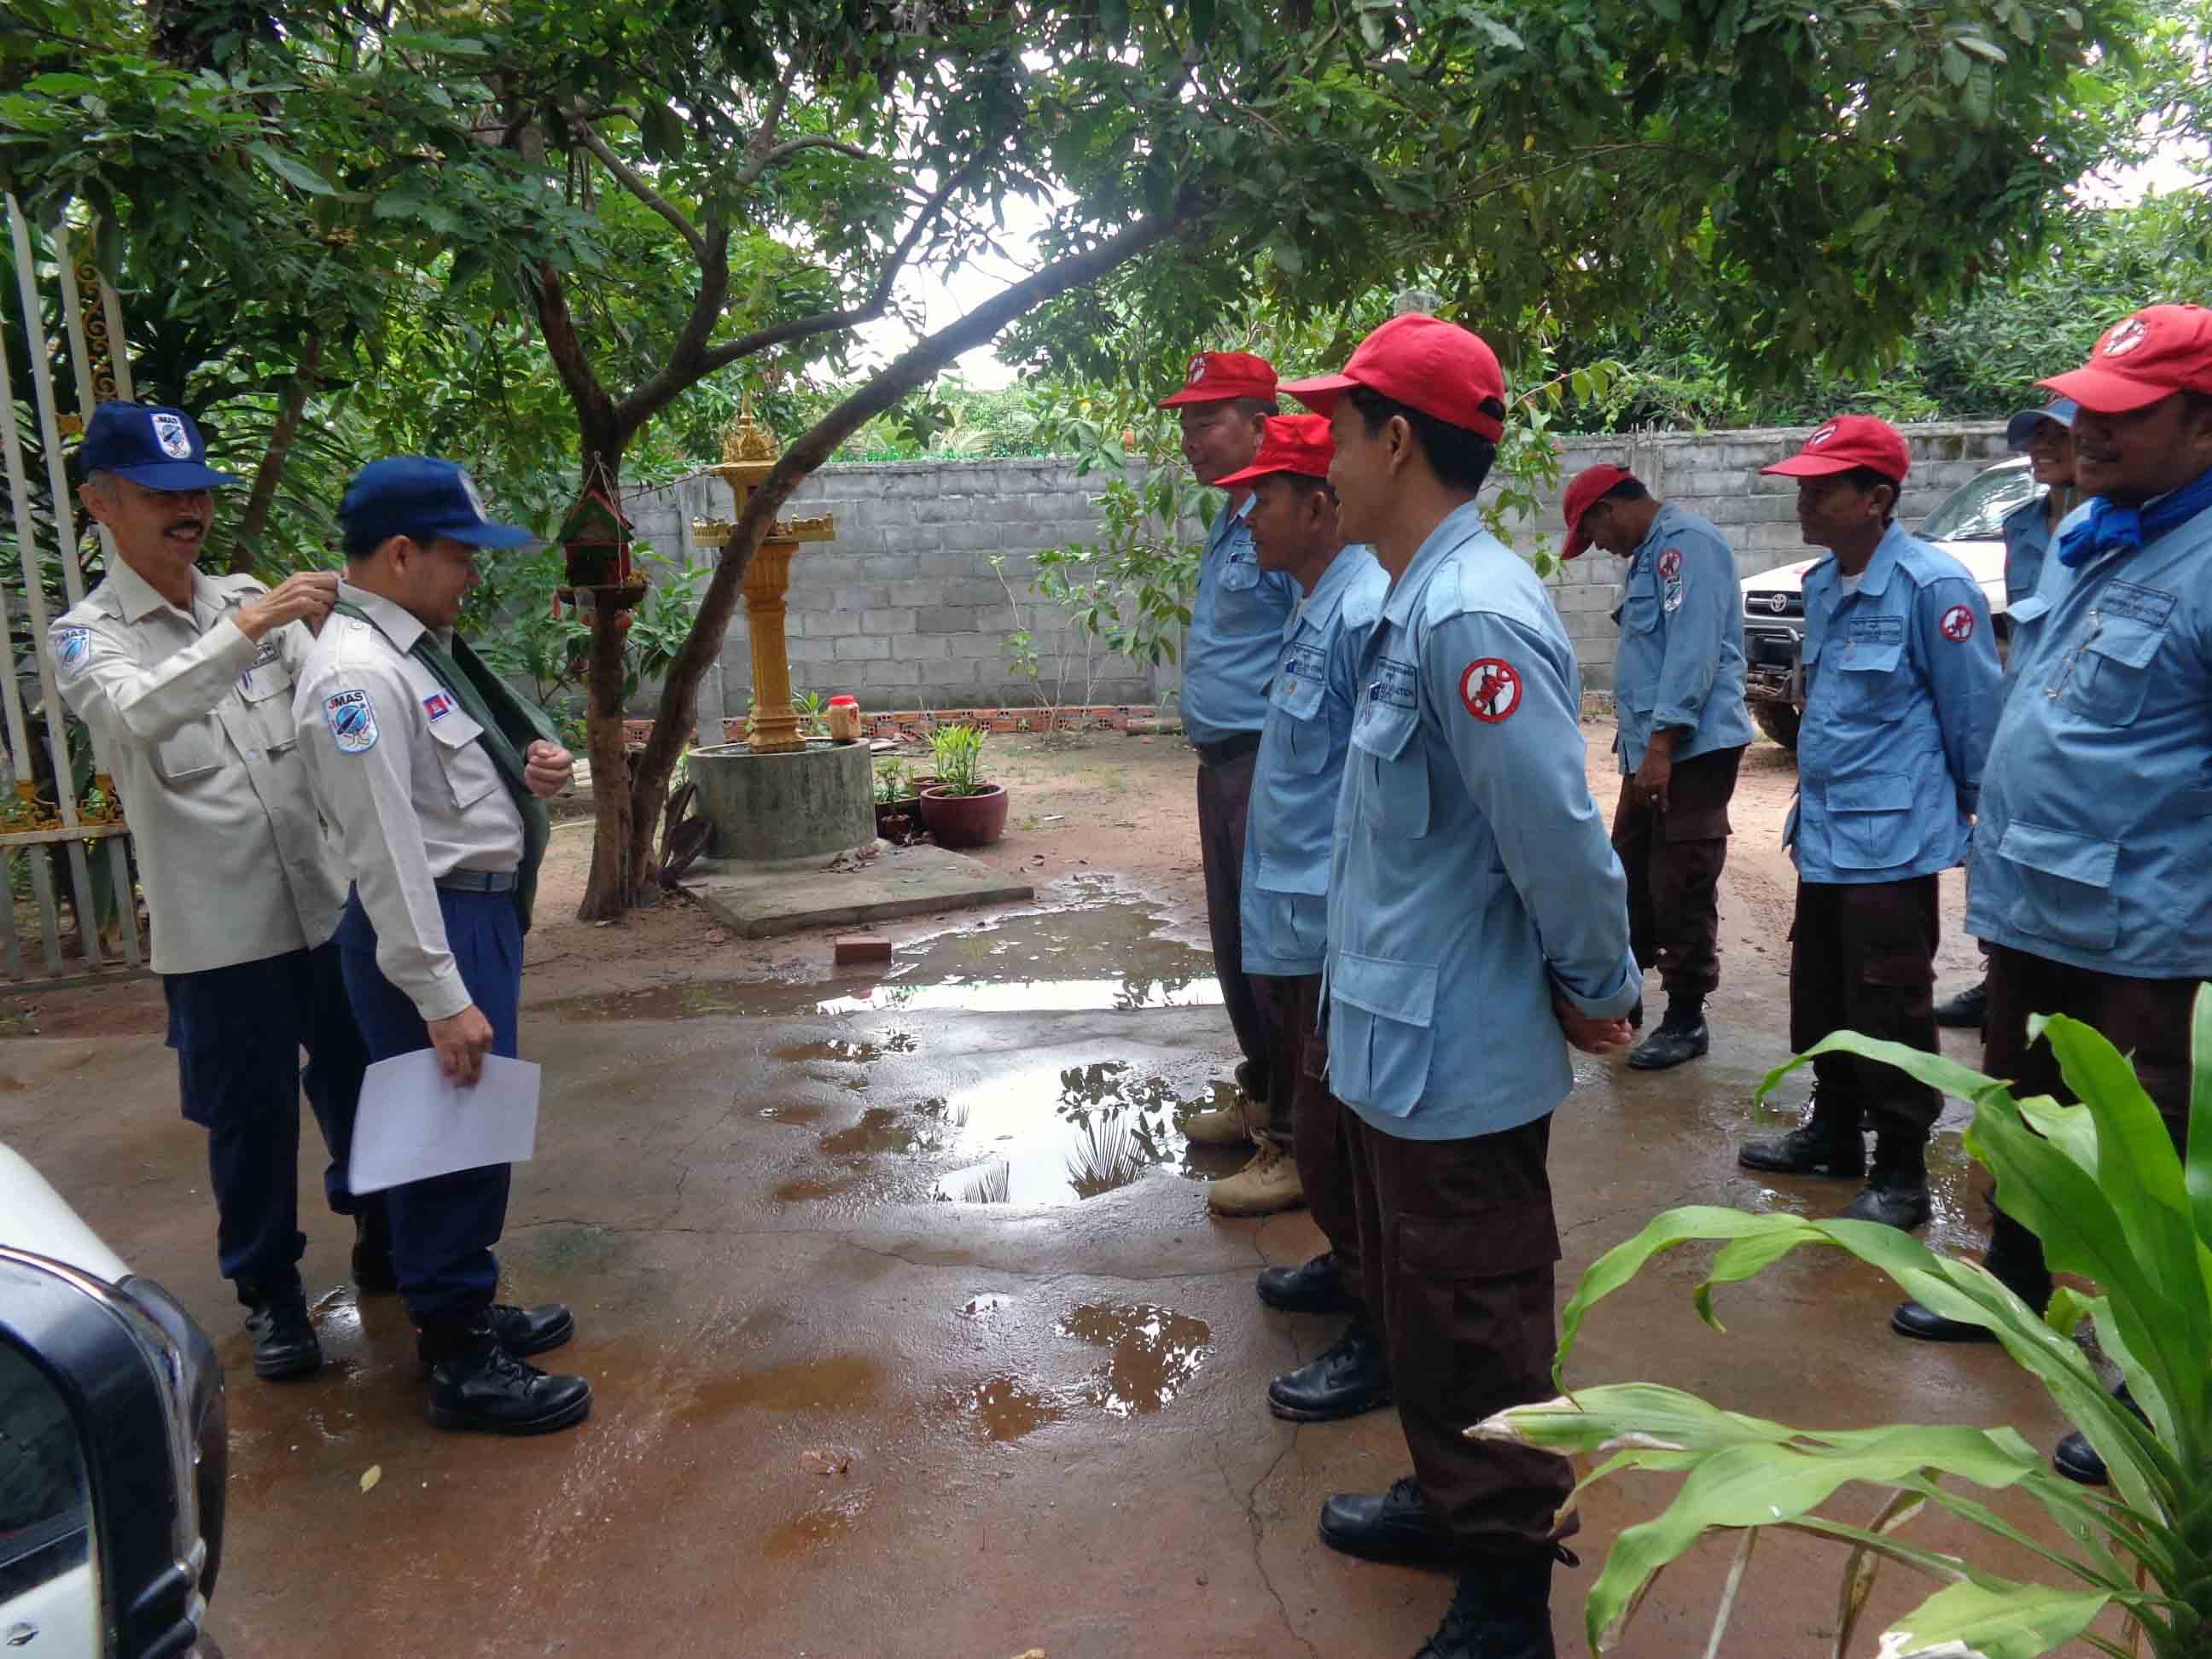 教導チームに野外衛生応急処置の機会教育